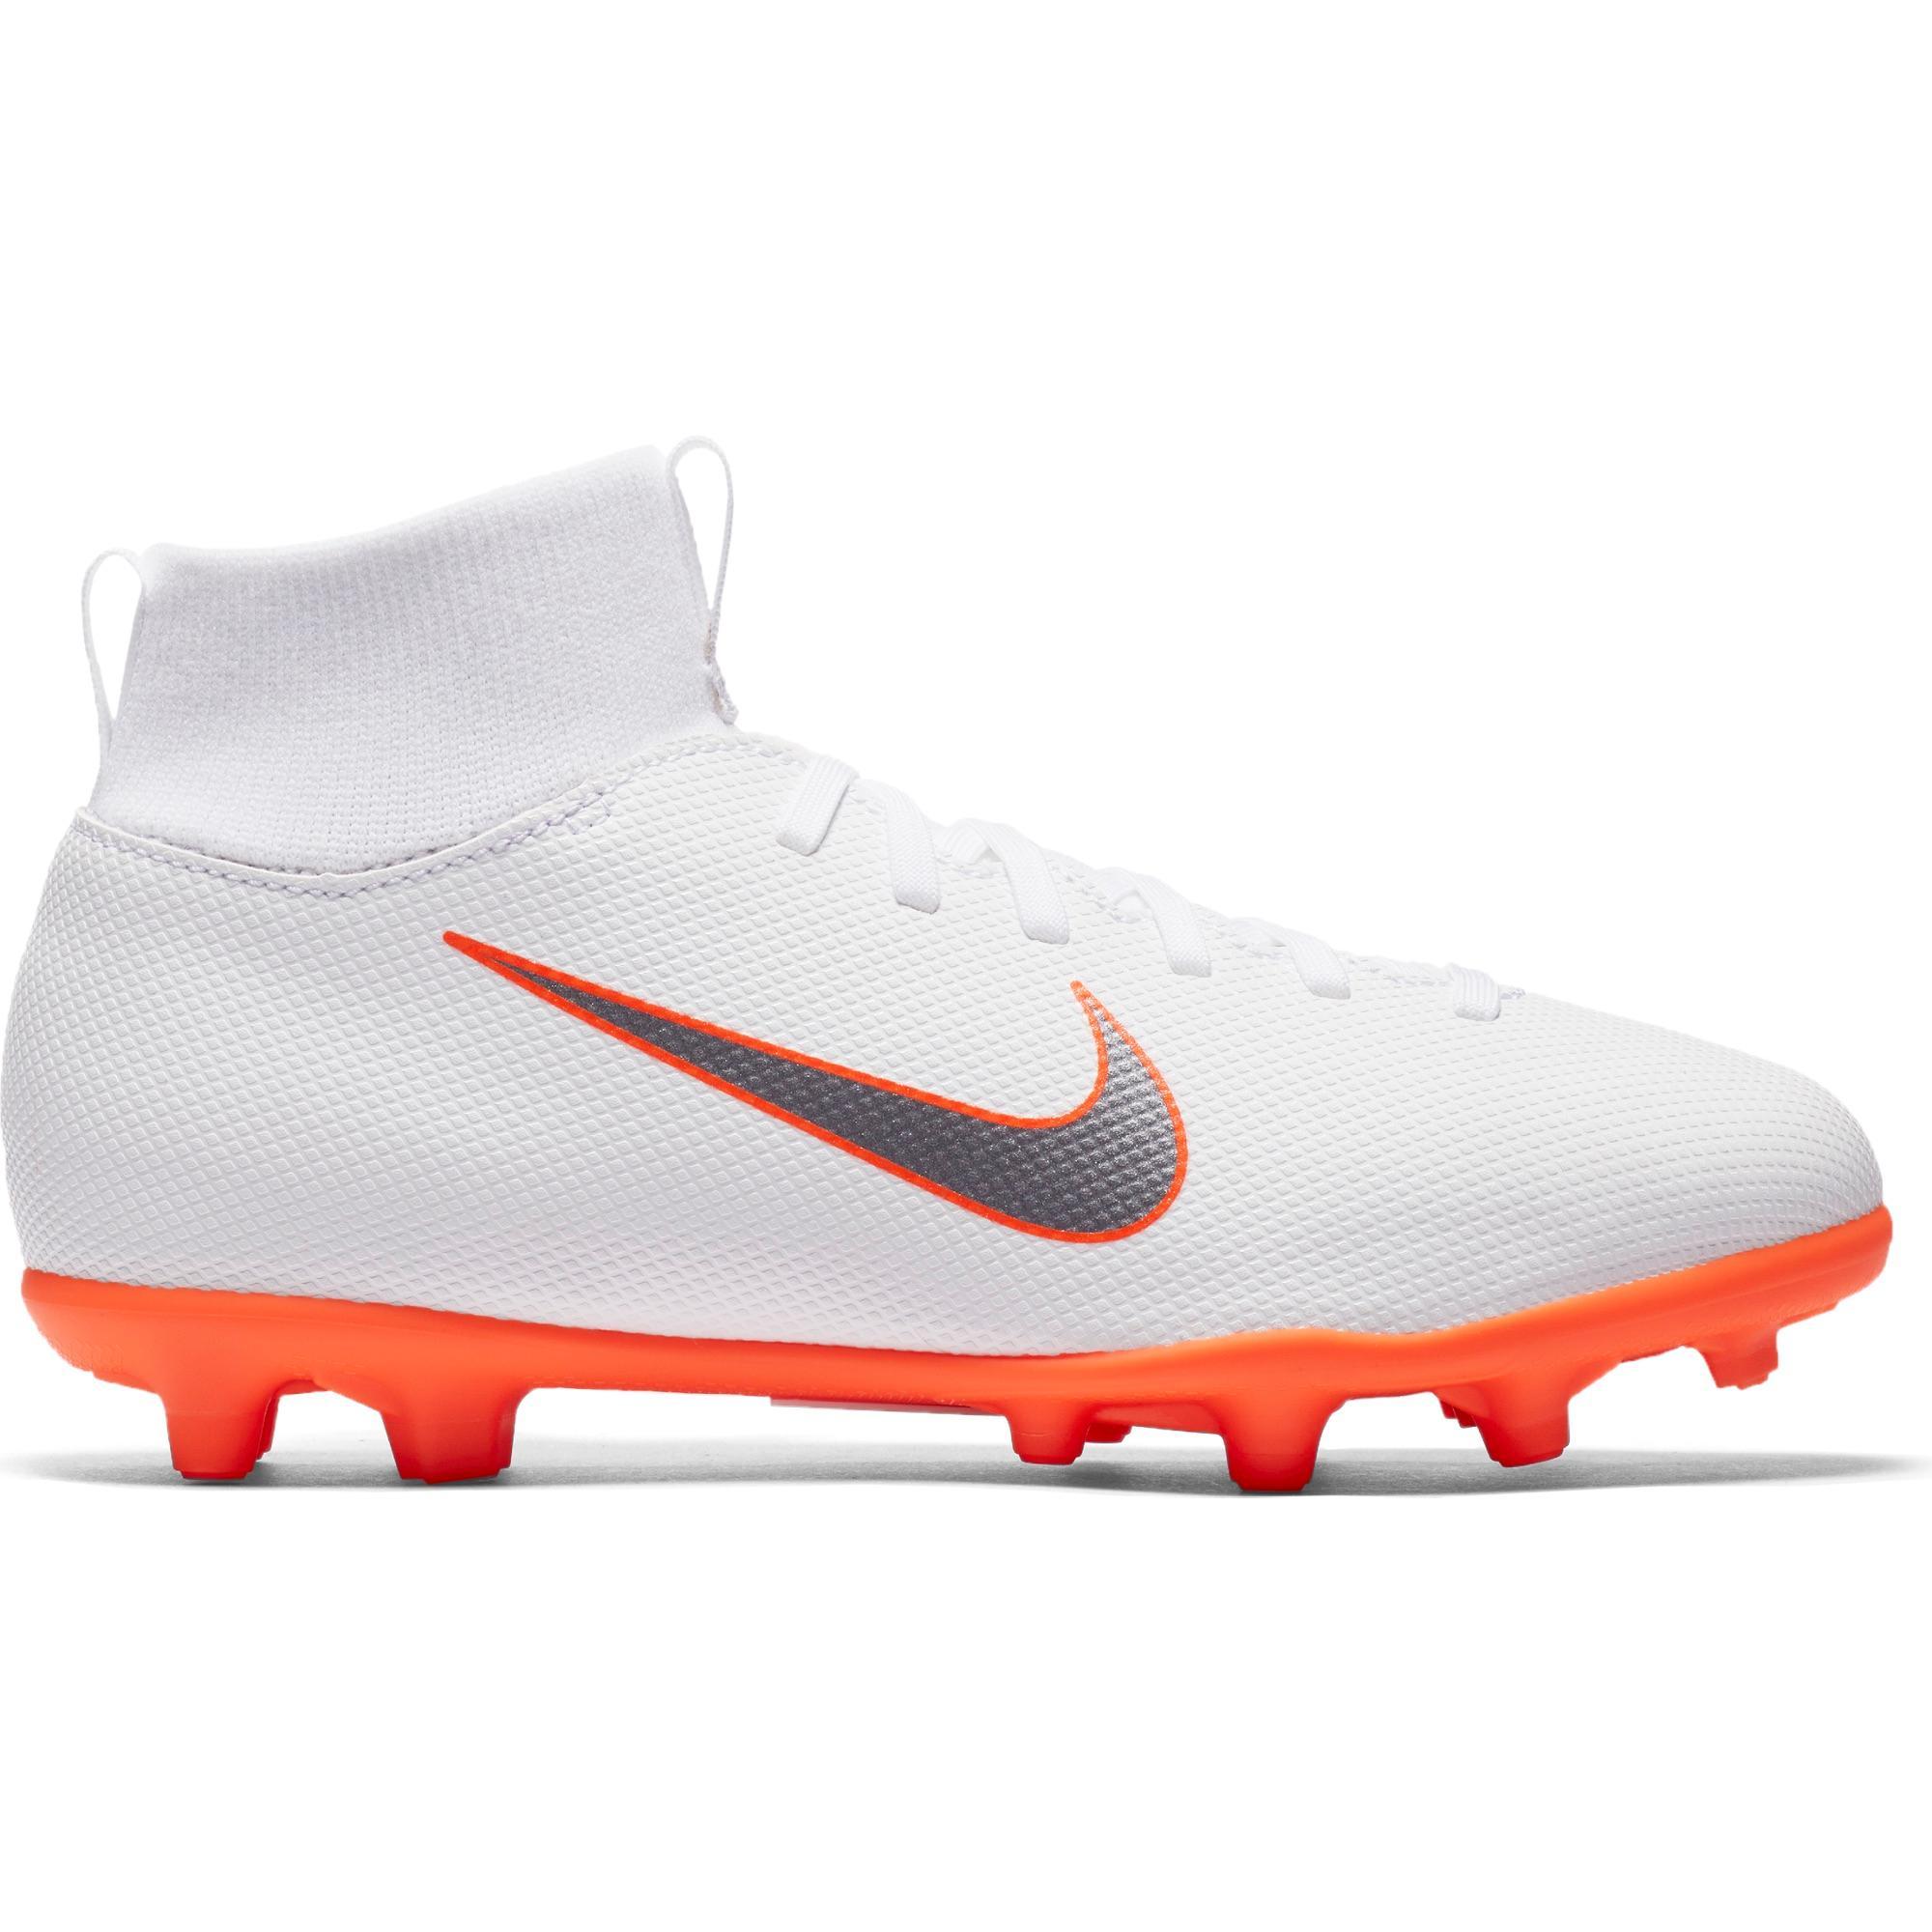 sports shoes df0c1 d5790 Comprar Botas de Fútbol niños online | Decathlon